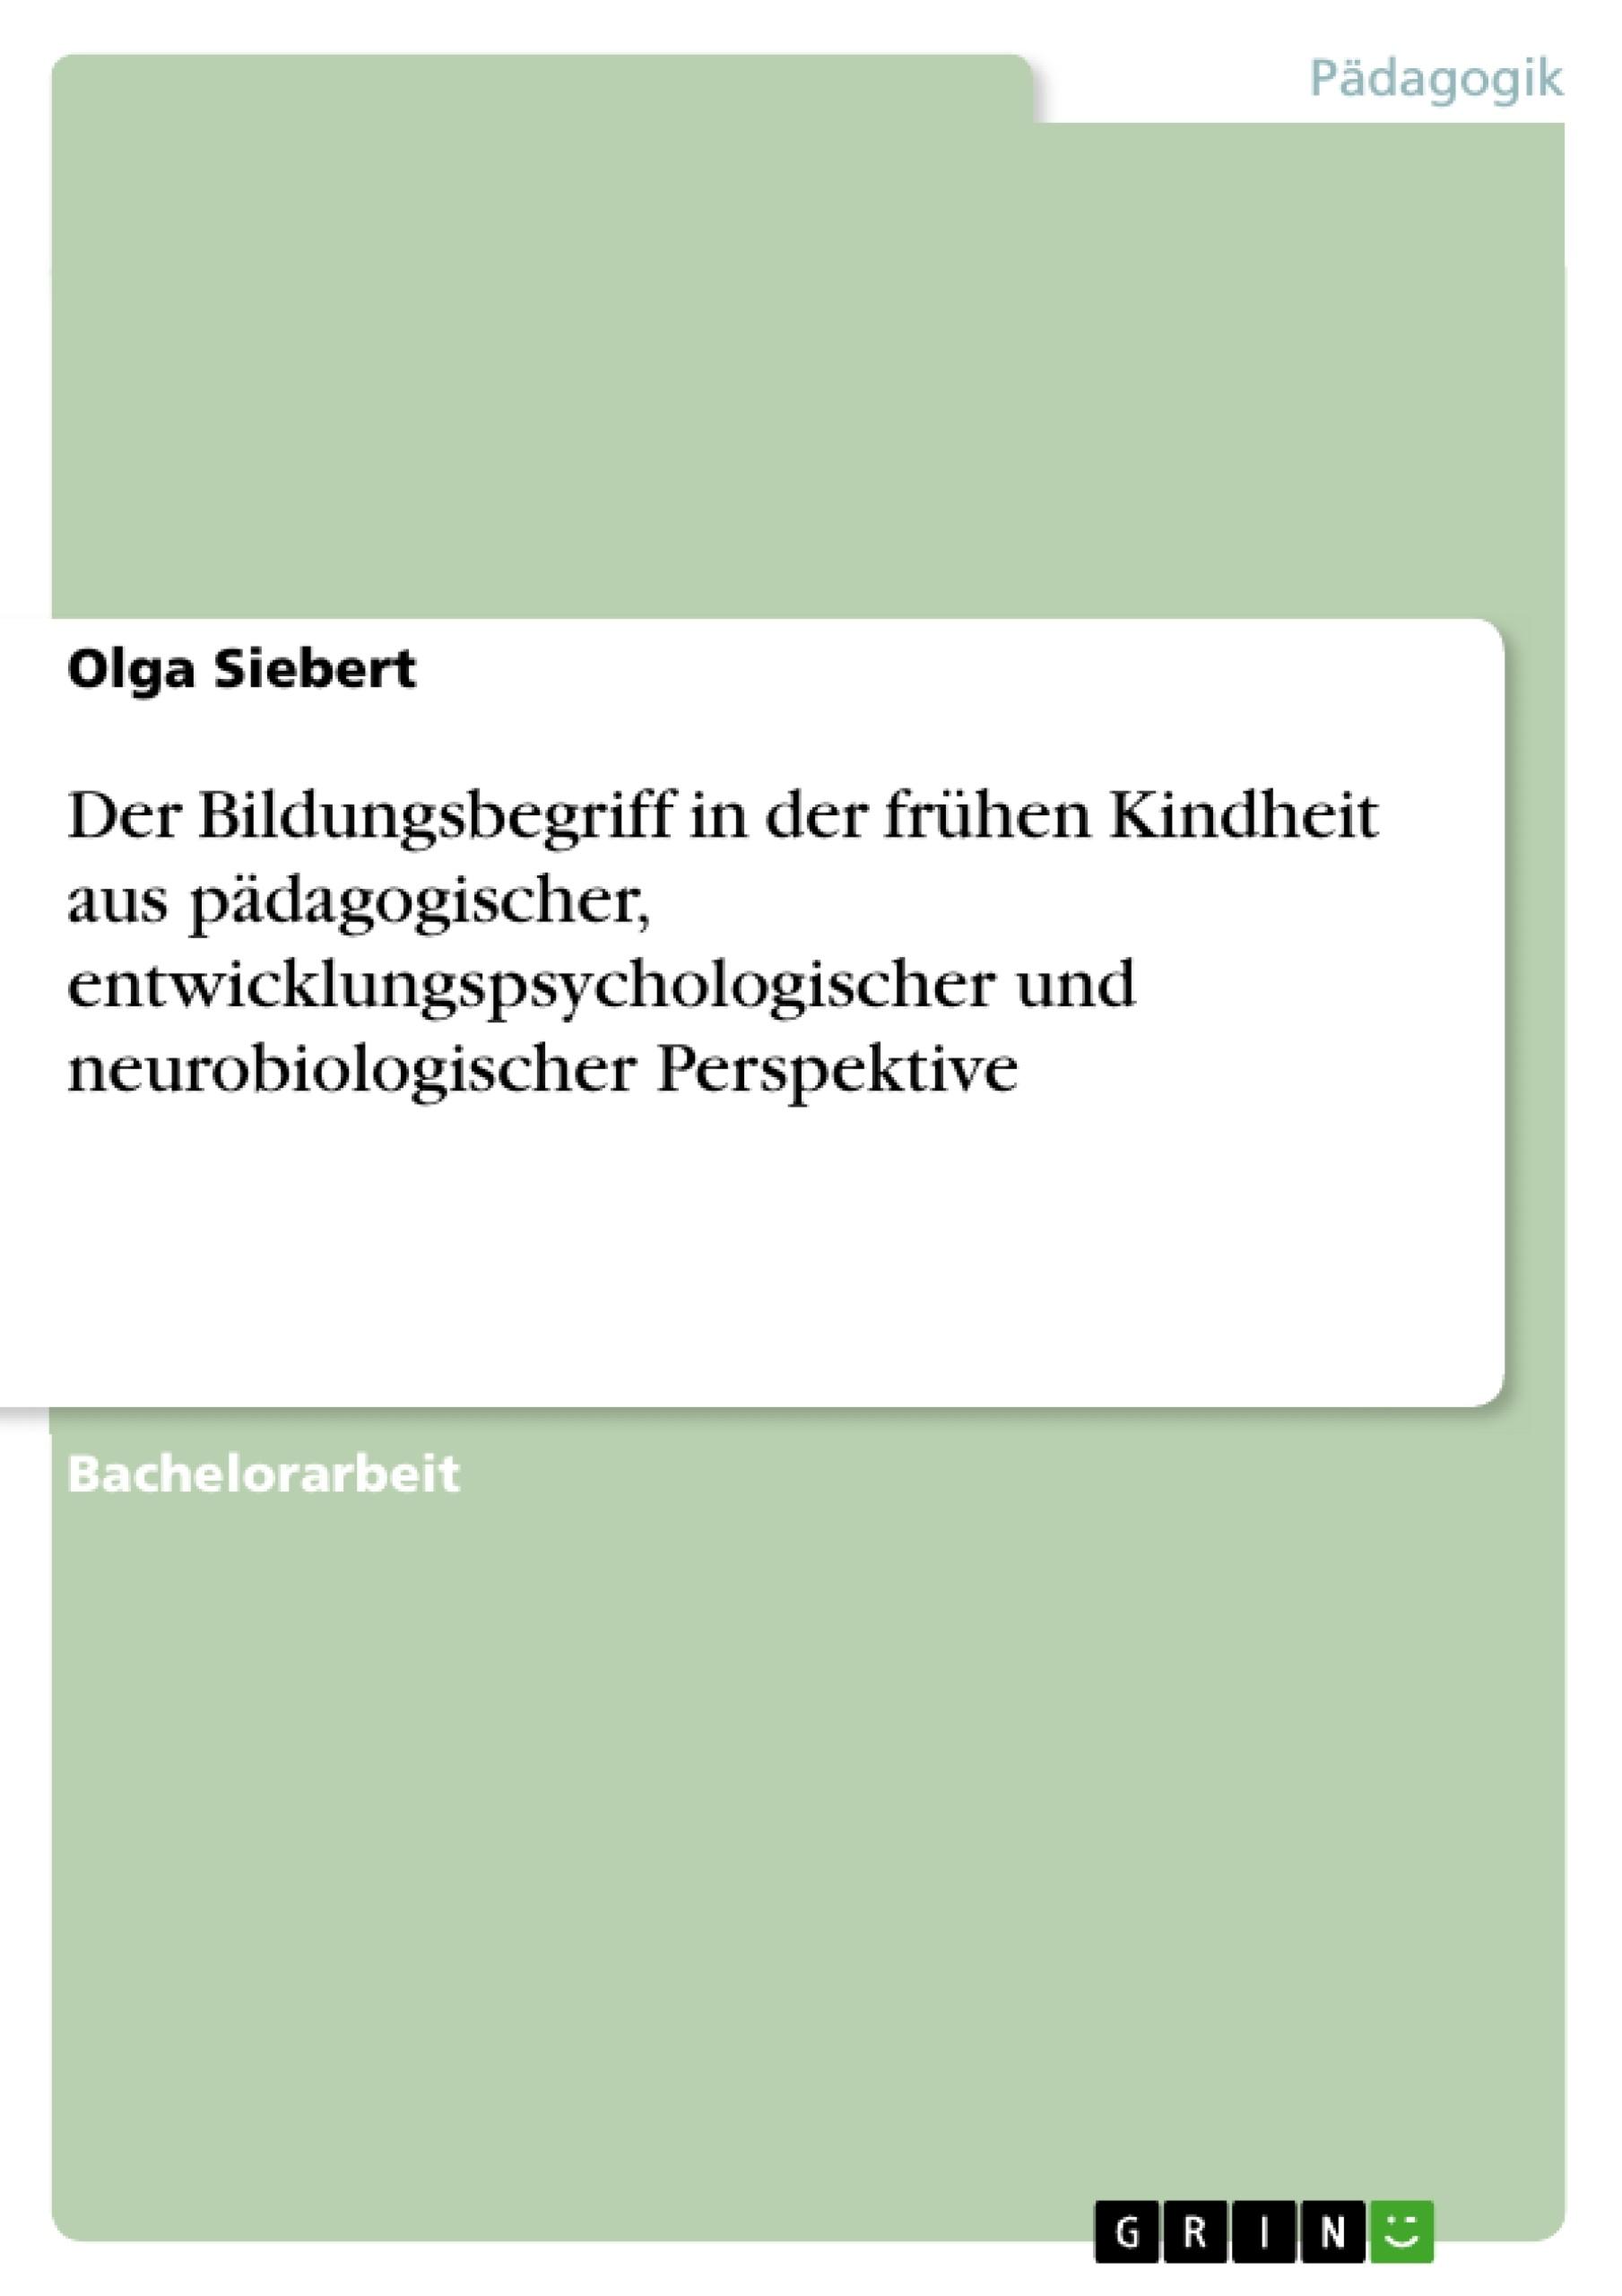 Titel: Der Bildungsbegriff in der frühen Kindheit aus pädagogischer, entwicklungspsychologischer und neurobiologischer Perspektive